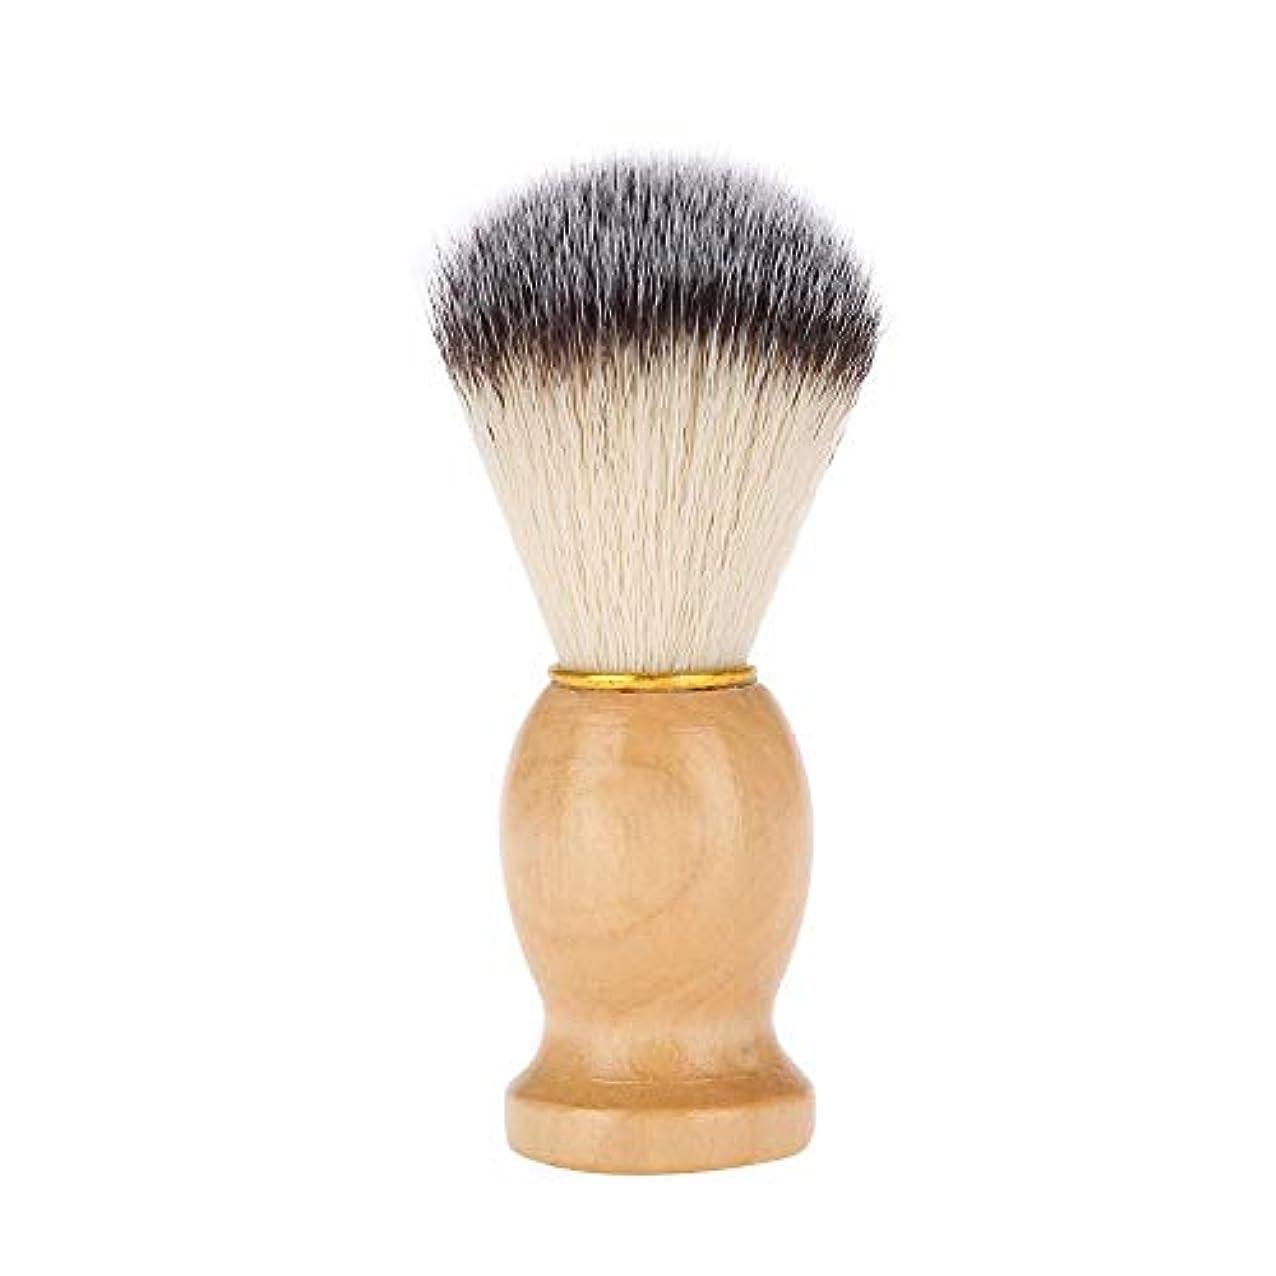 感度大学戦艦シェービングブラシ、髭清掃美容カバー  理髪ブラシ メンズグルーミングツー ル ひげ剃りブラシ メイクアップバーバーサロン 家庭用 旅行用 男性 贈り物